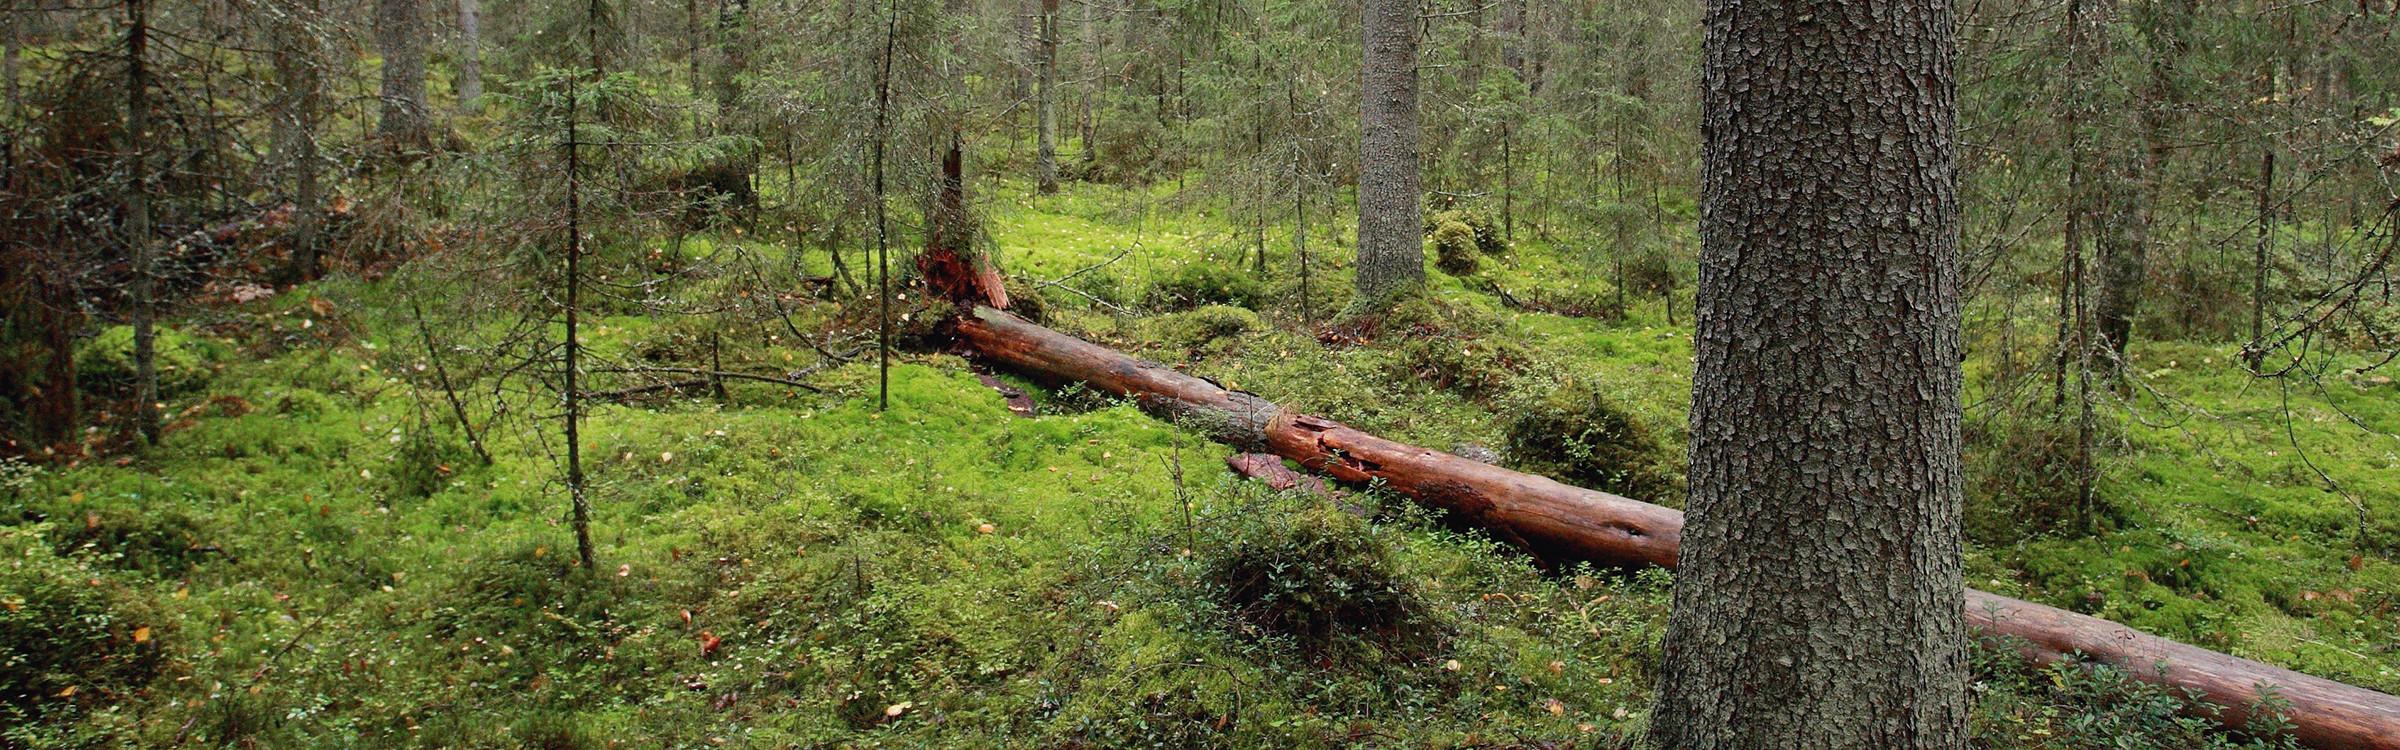 Kolme Vinkkiä, Joiden Avulla Tunnistat Luontoarvoiltaan Rikkaan Metsän